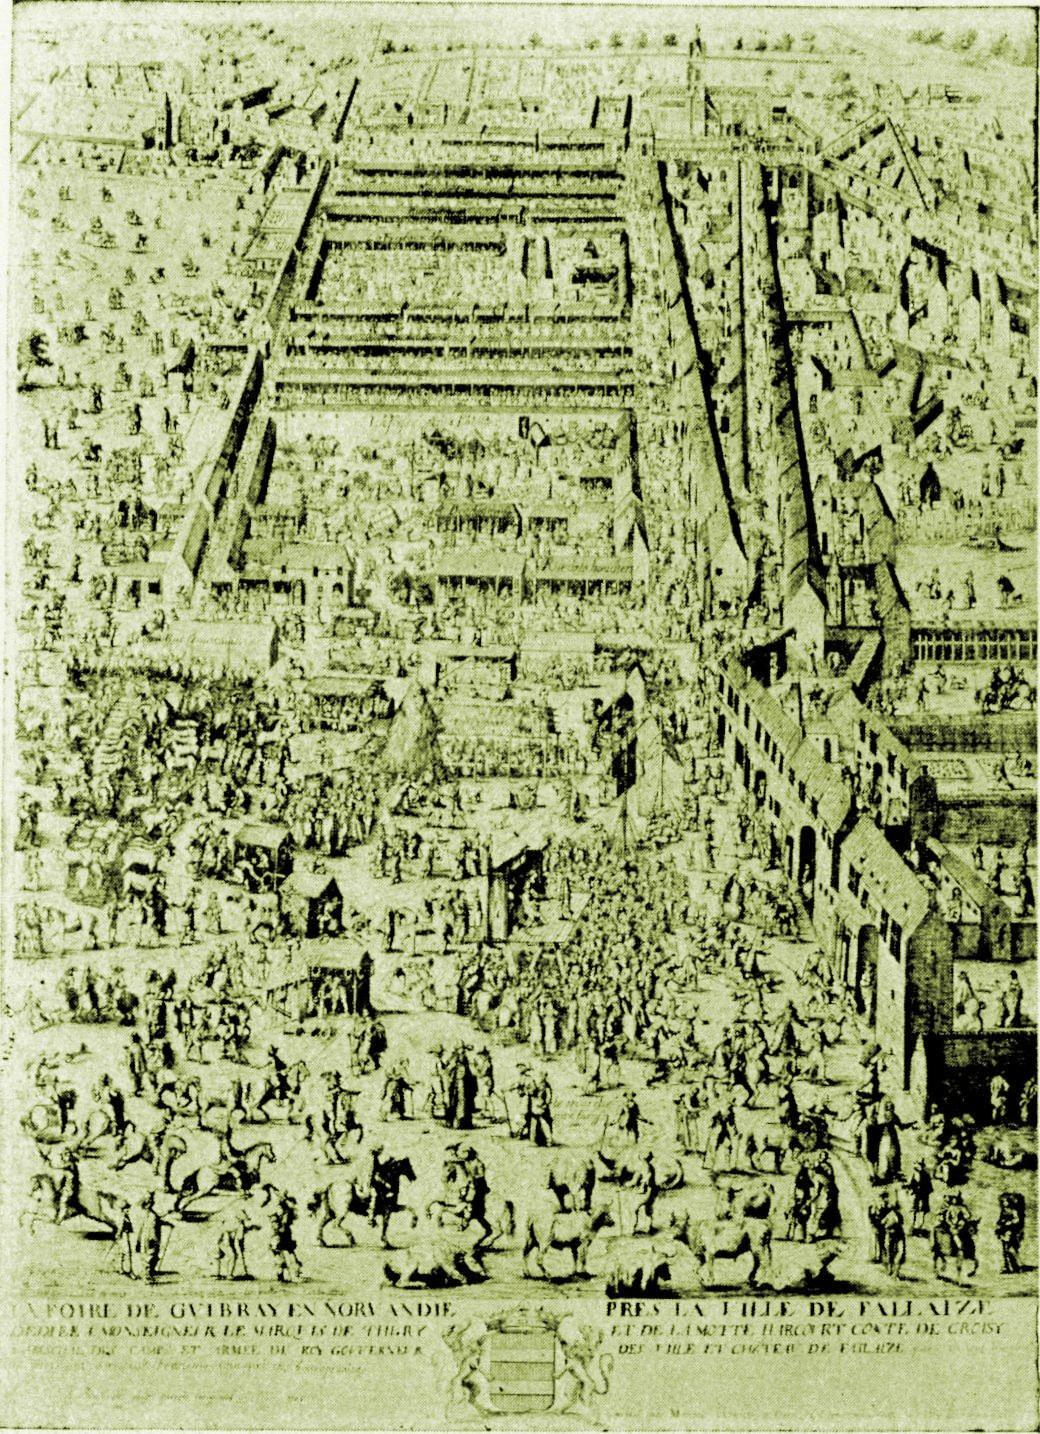 Le 13 août 1789 à Mamers.